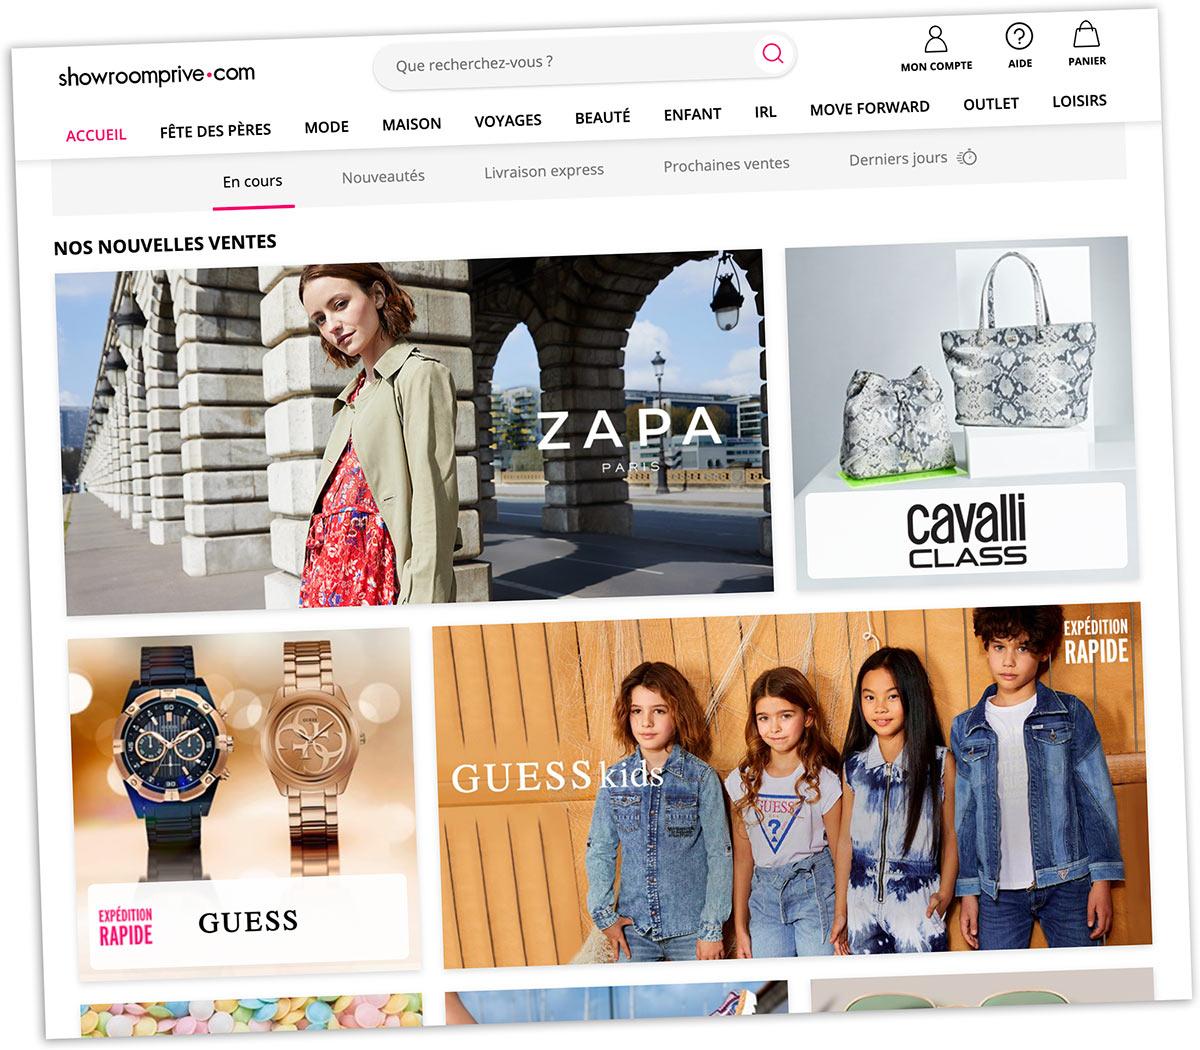 Nombreuses ventes quotidiennes, marques de qualité, service client réactif... Showroomprivé est le chouchou d'un nombre croissant d'e-shoppeurs